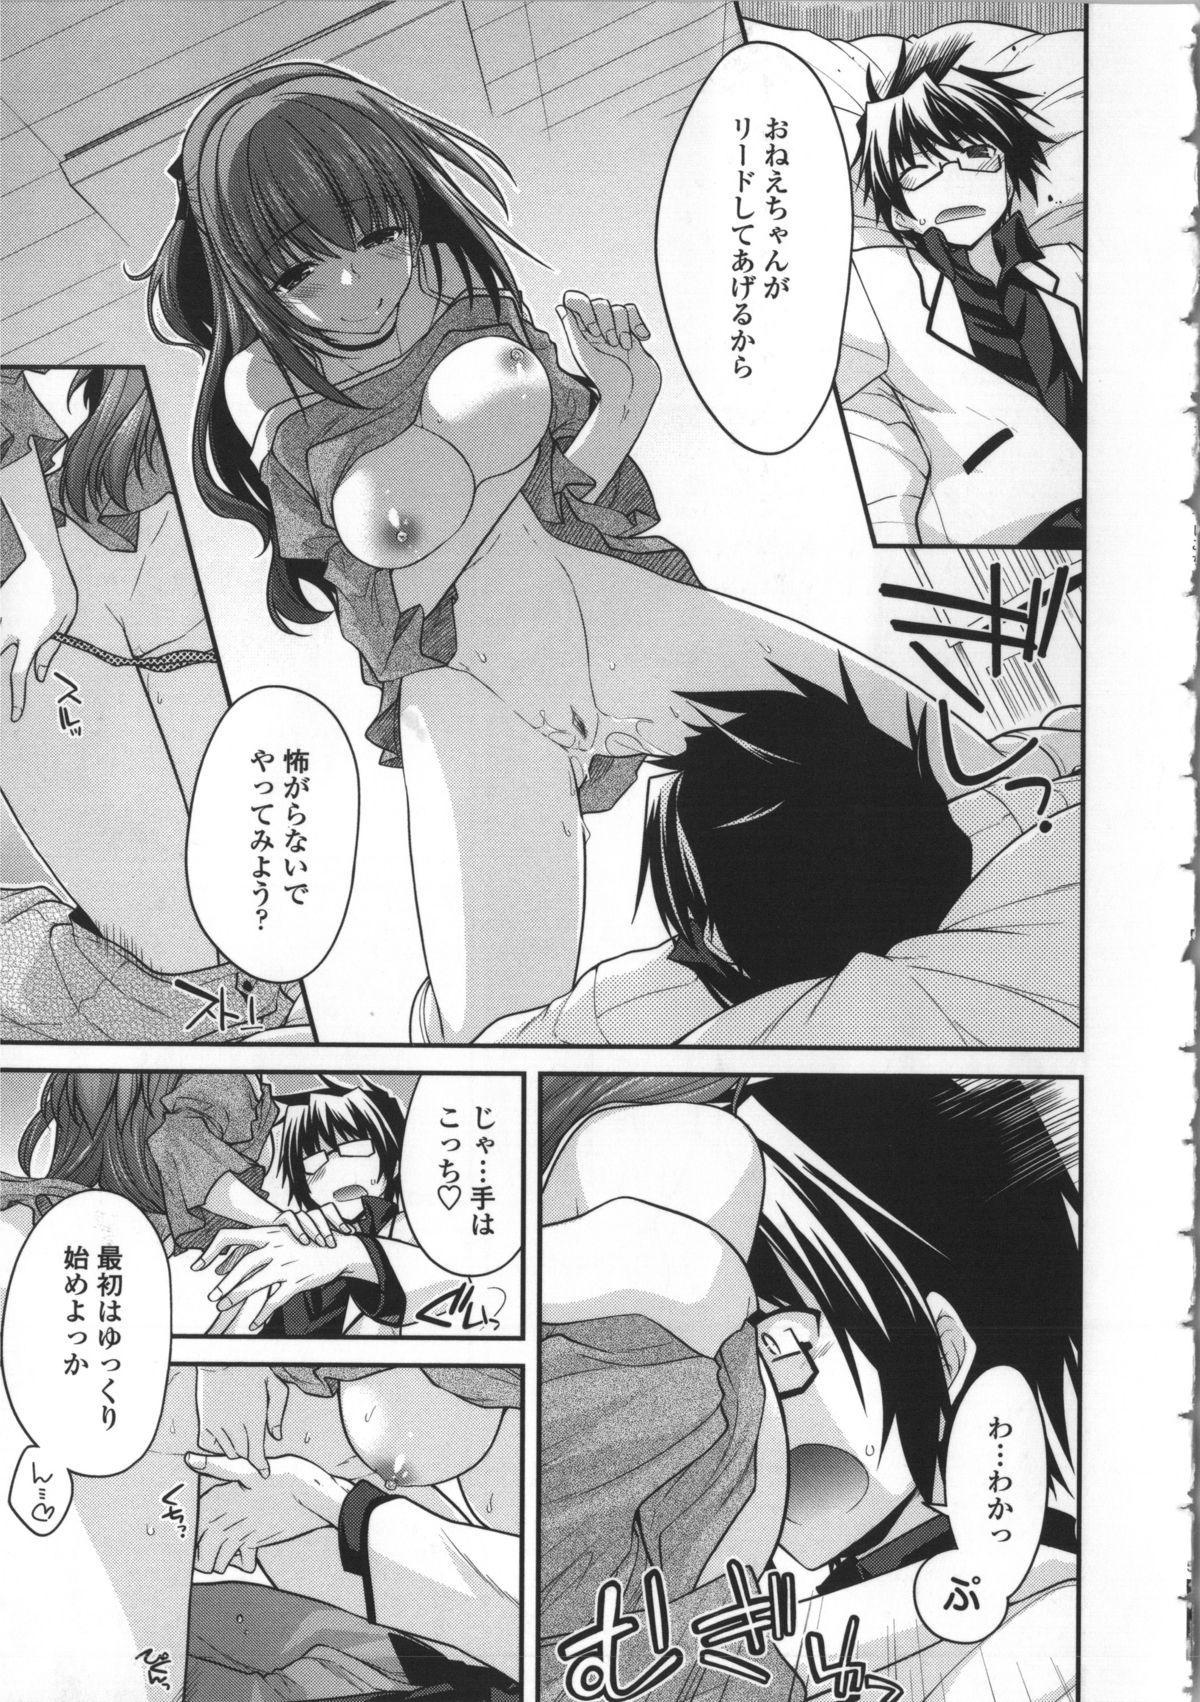 Yamato Nadeshiko Breast Changes 57